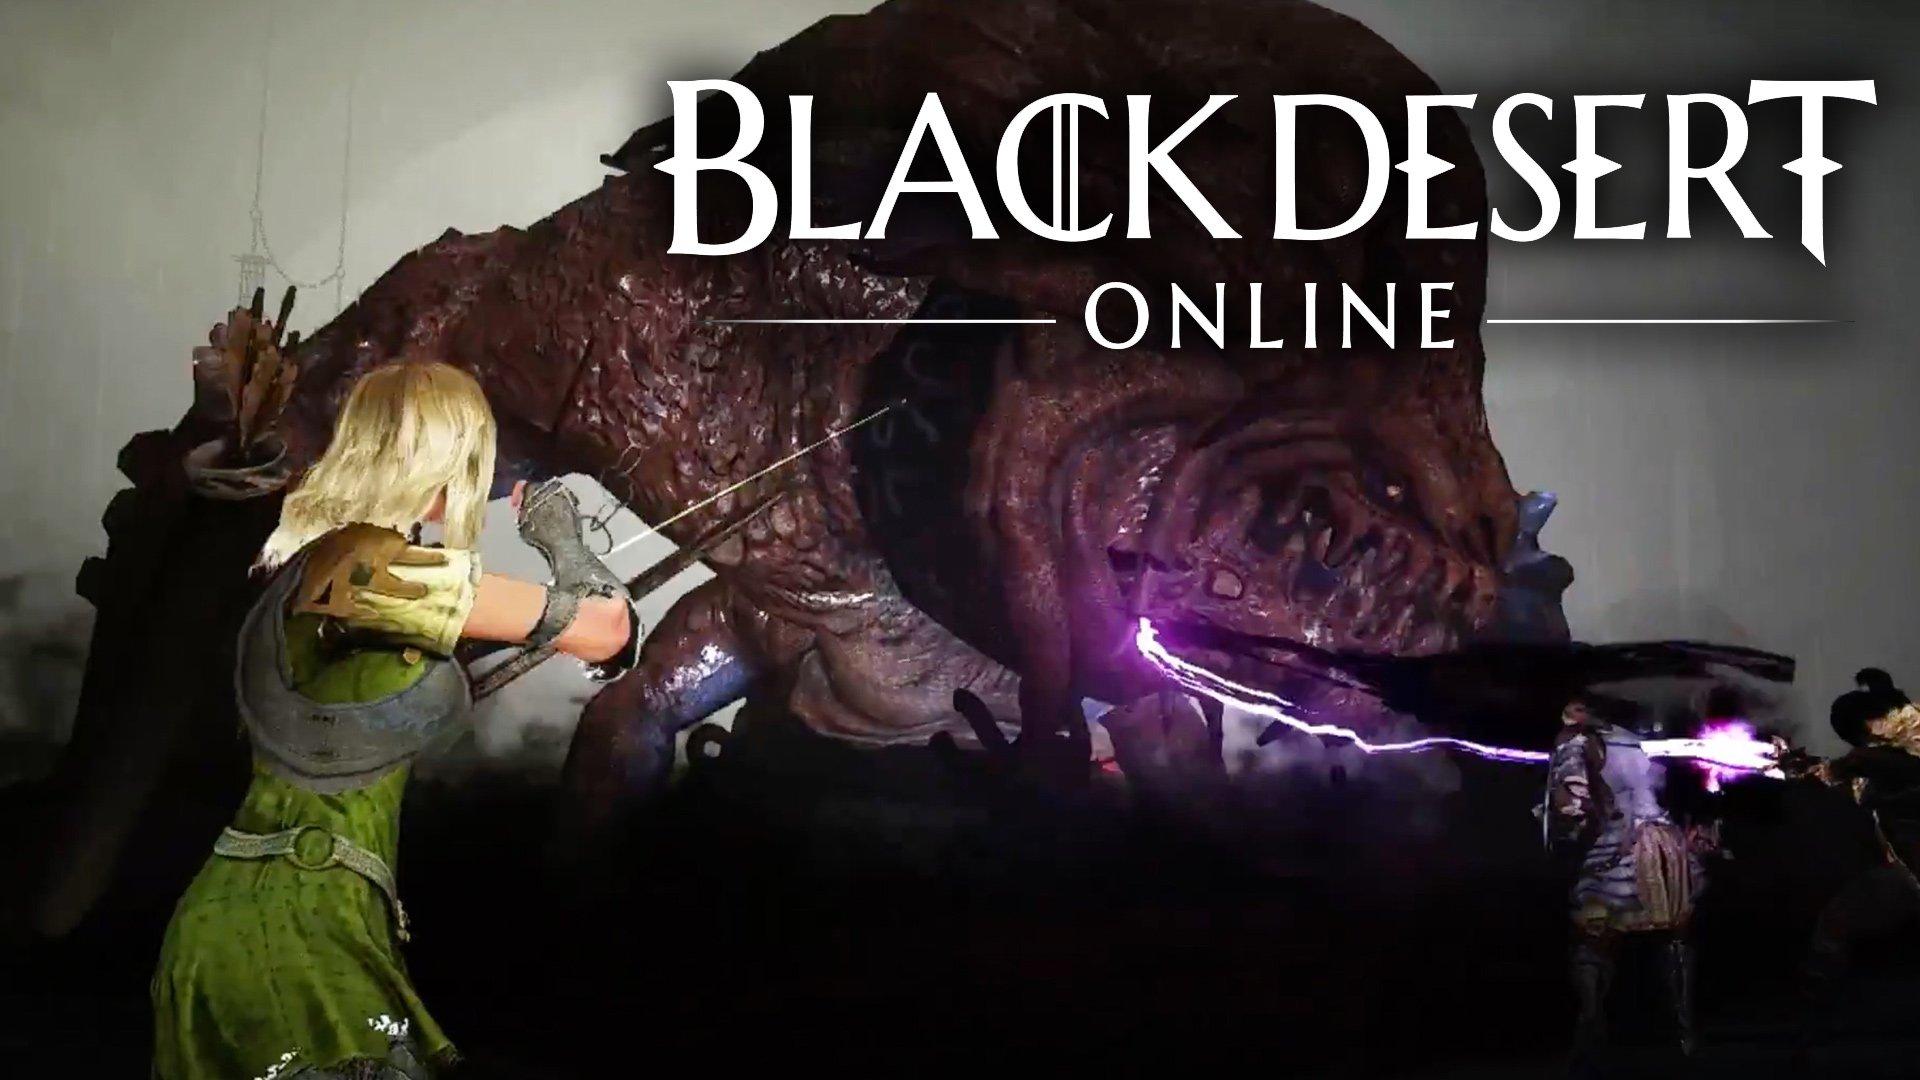 Black Desert Online - Mediah Part 2 Overview